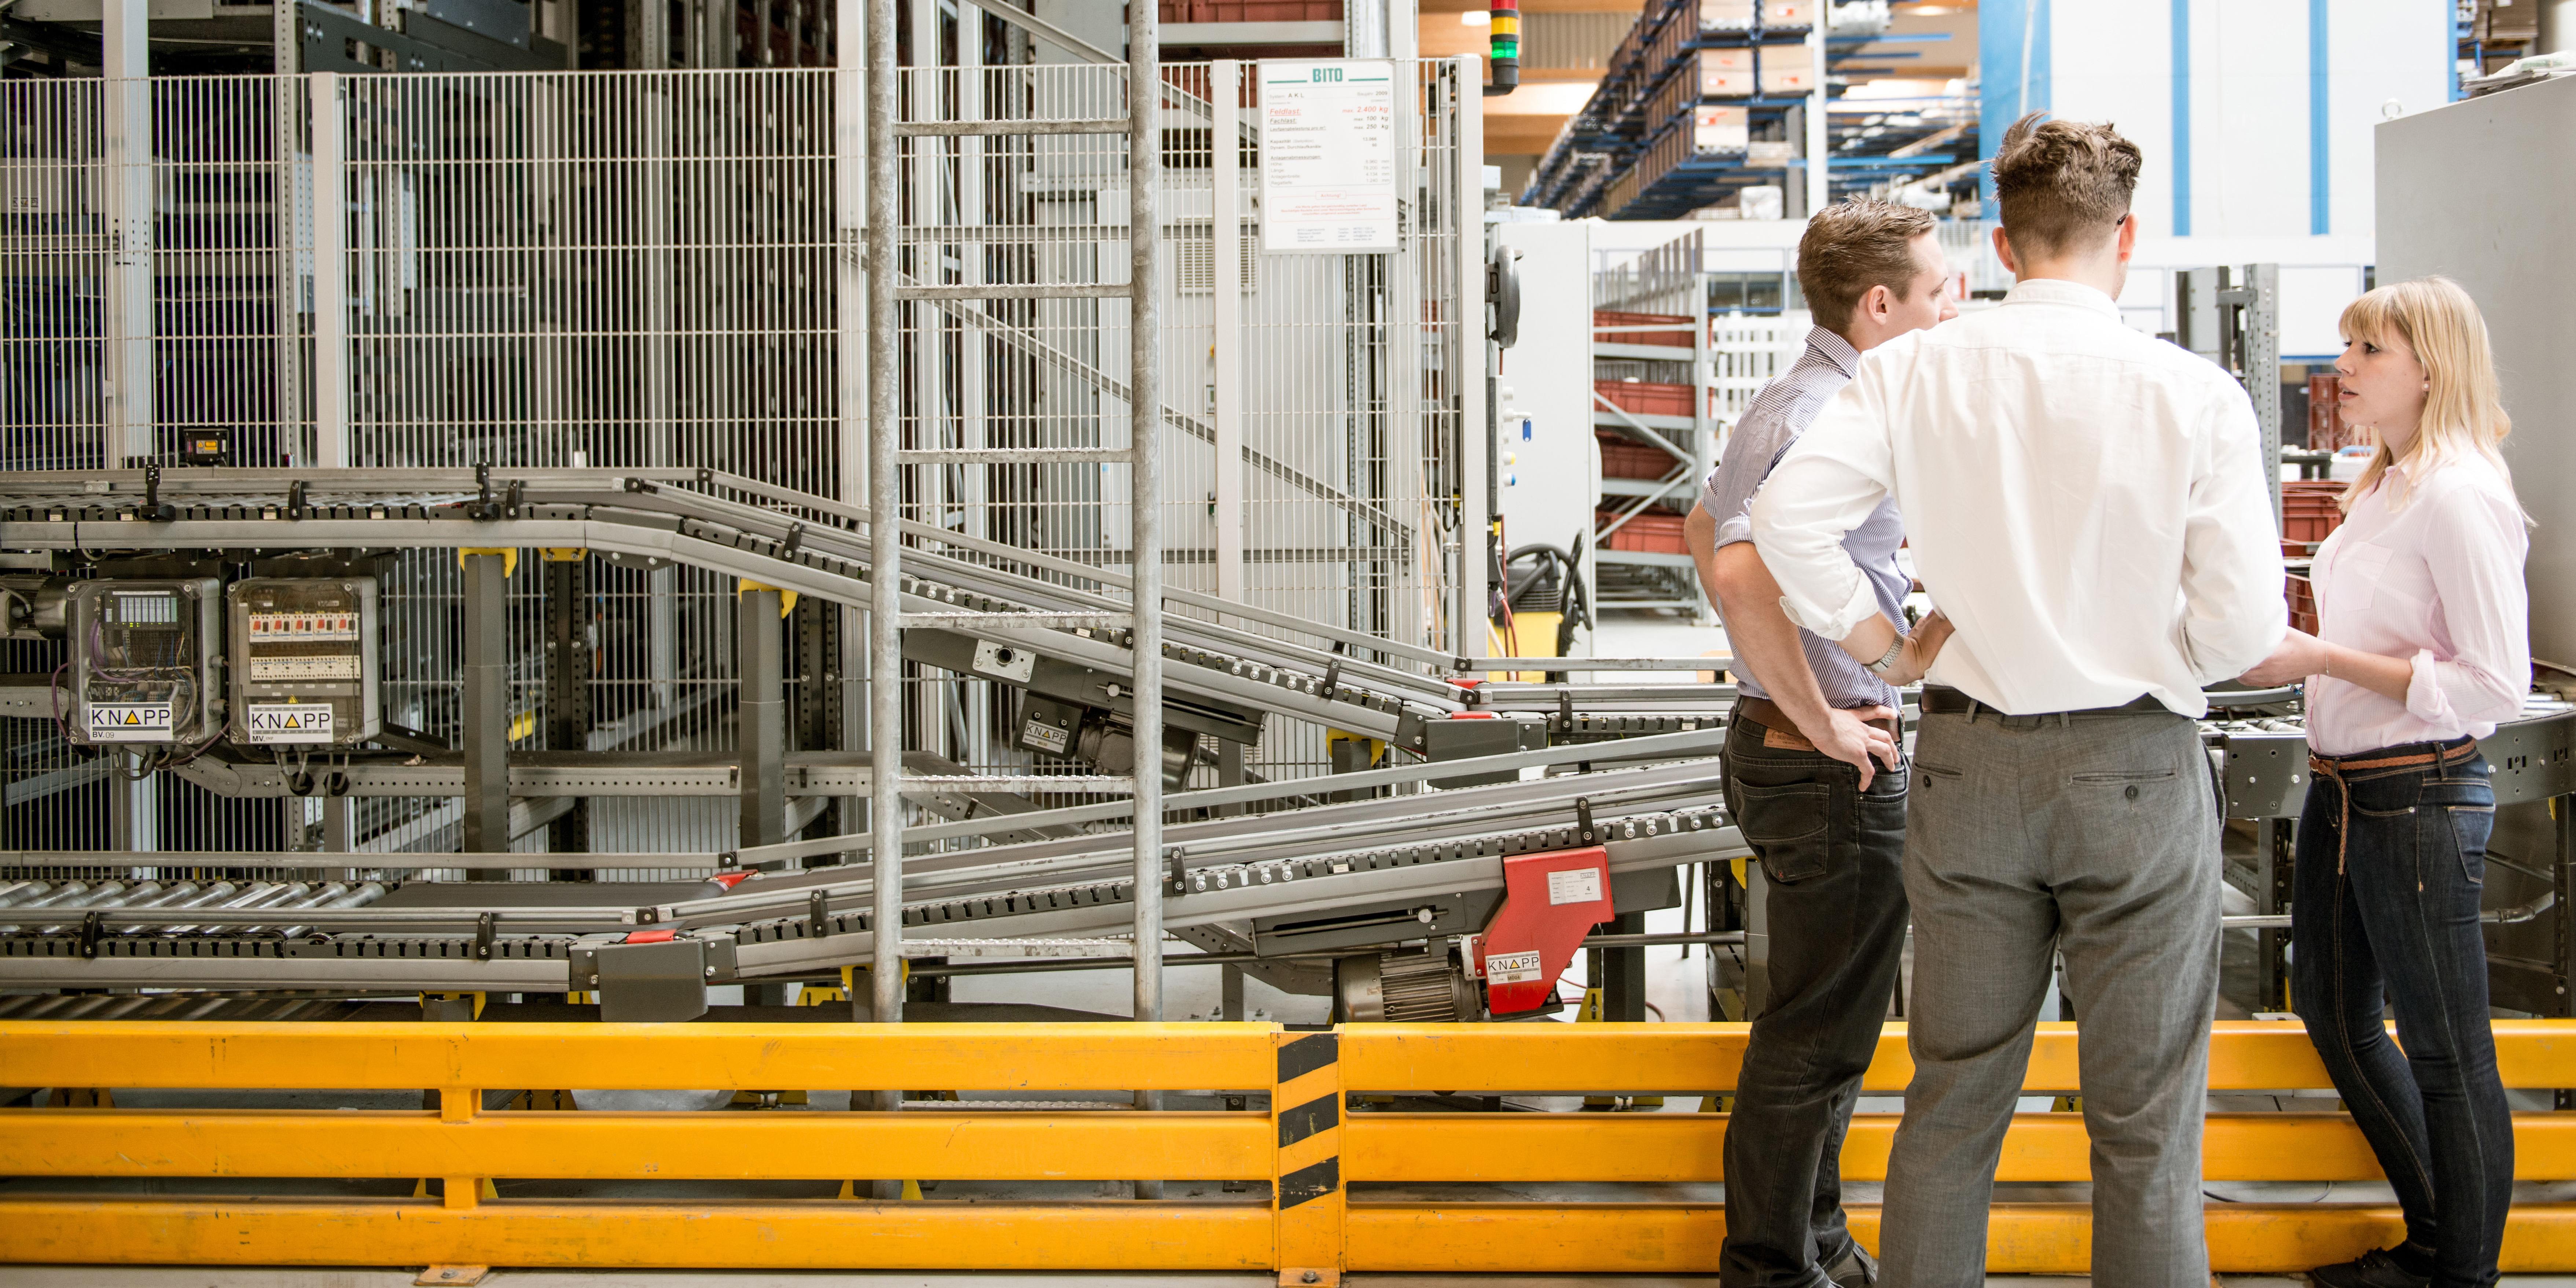 Drei junge Menschen unterhalten sich in einer Fabrikshalle.